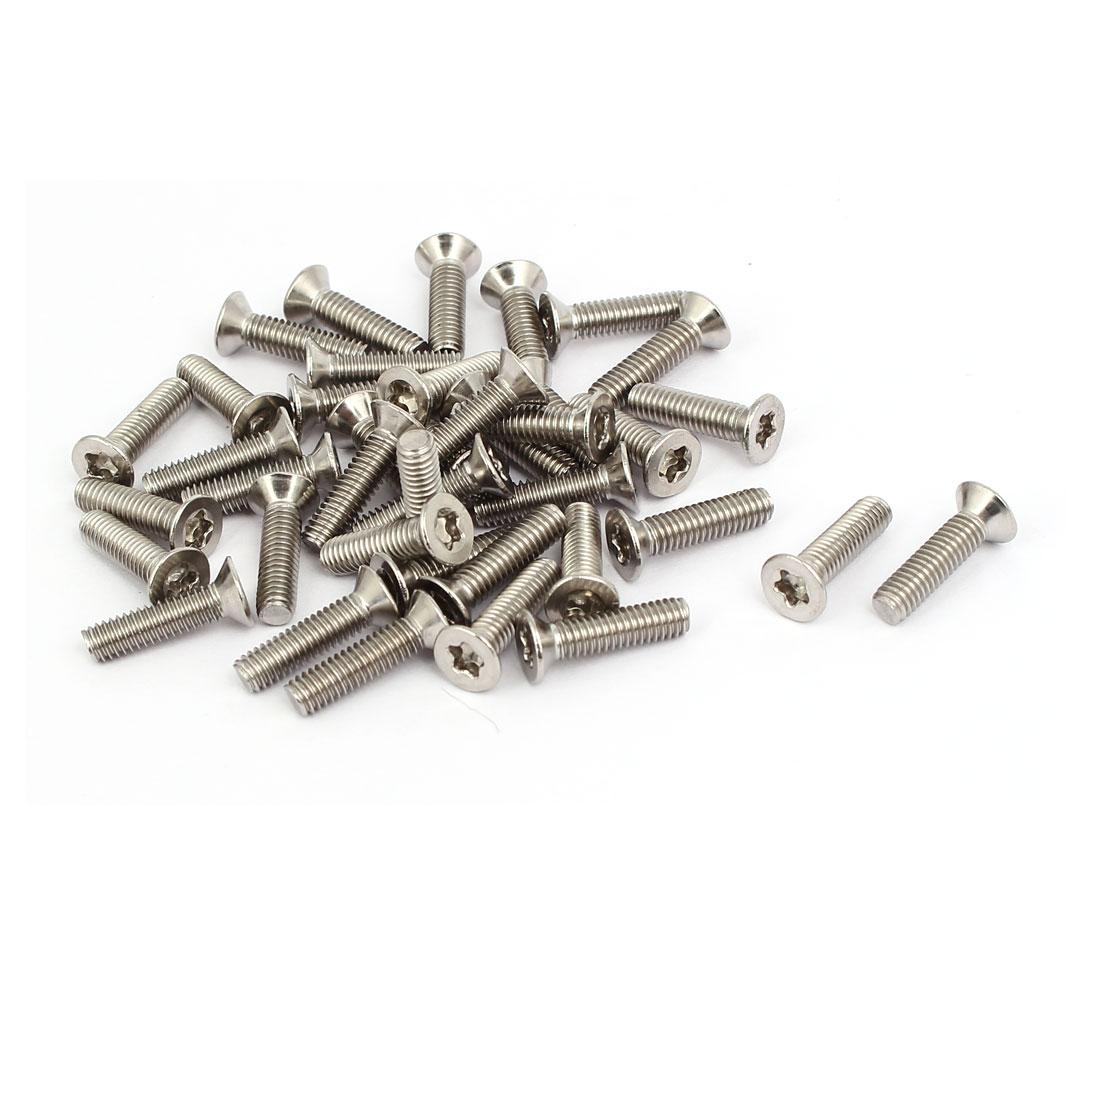 M4x16mm 304 Stainless Steel Countersunk Flat Head Torx Five-Lobe Screw 40pcs